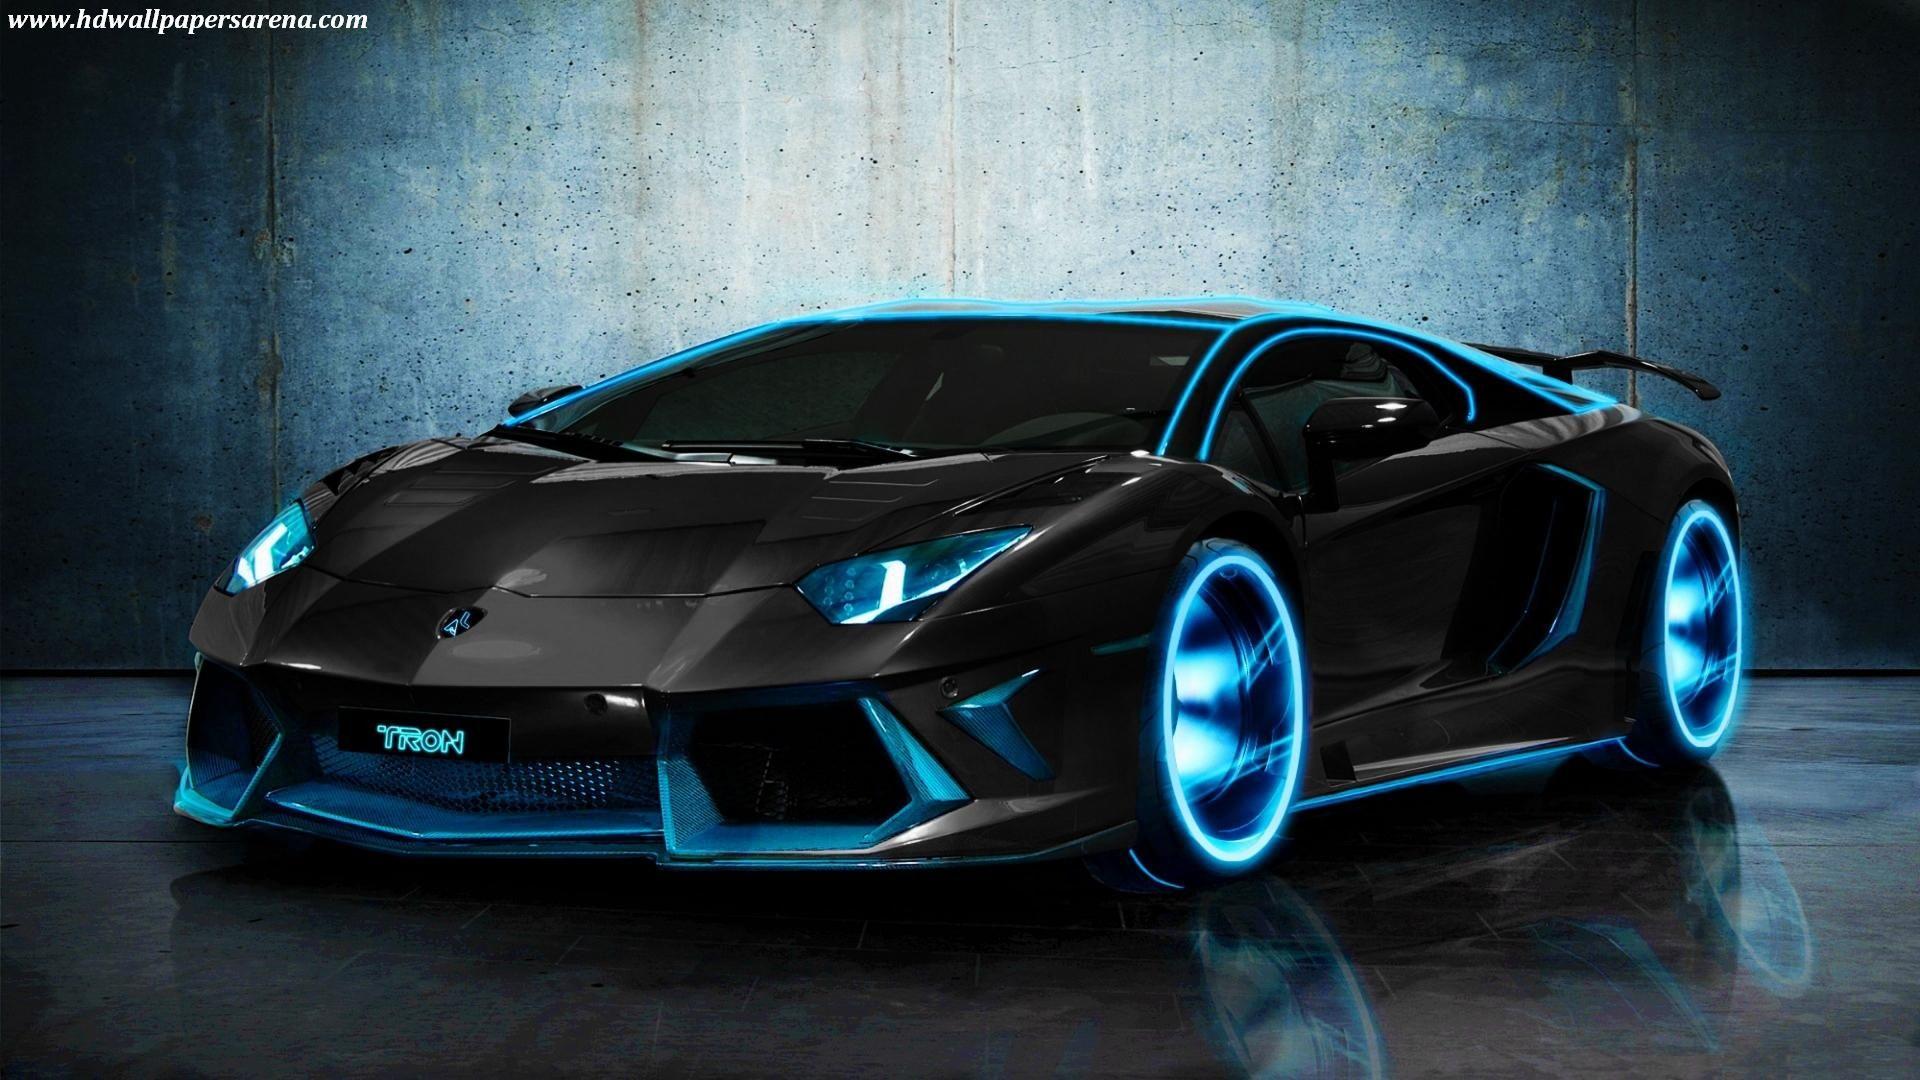 Pin By Dianna Arnett On Picture Me Rollin Lamborghini Cars Lamborghini Super Cars